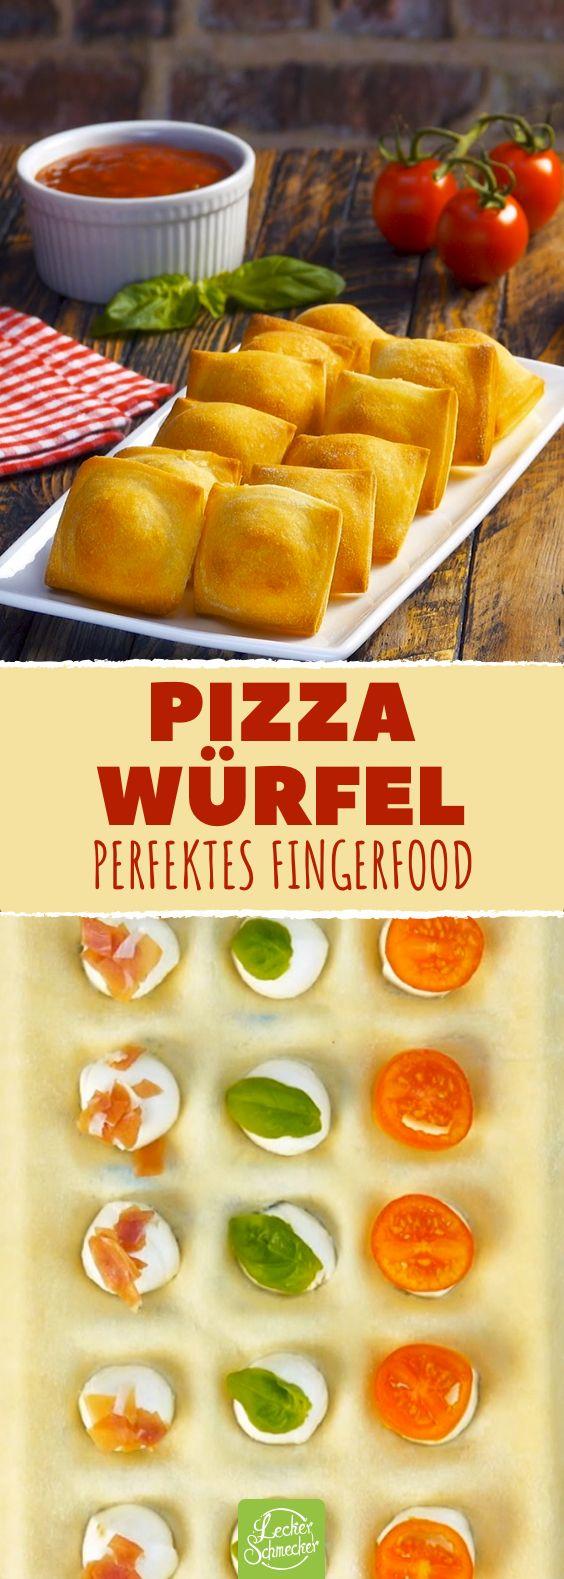 Presse Pizzateig in eine Eiswürfelform und backe ihn.